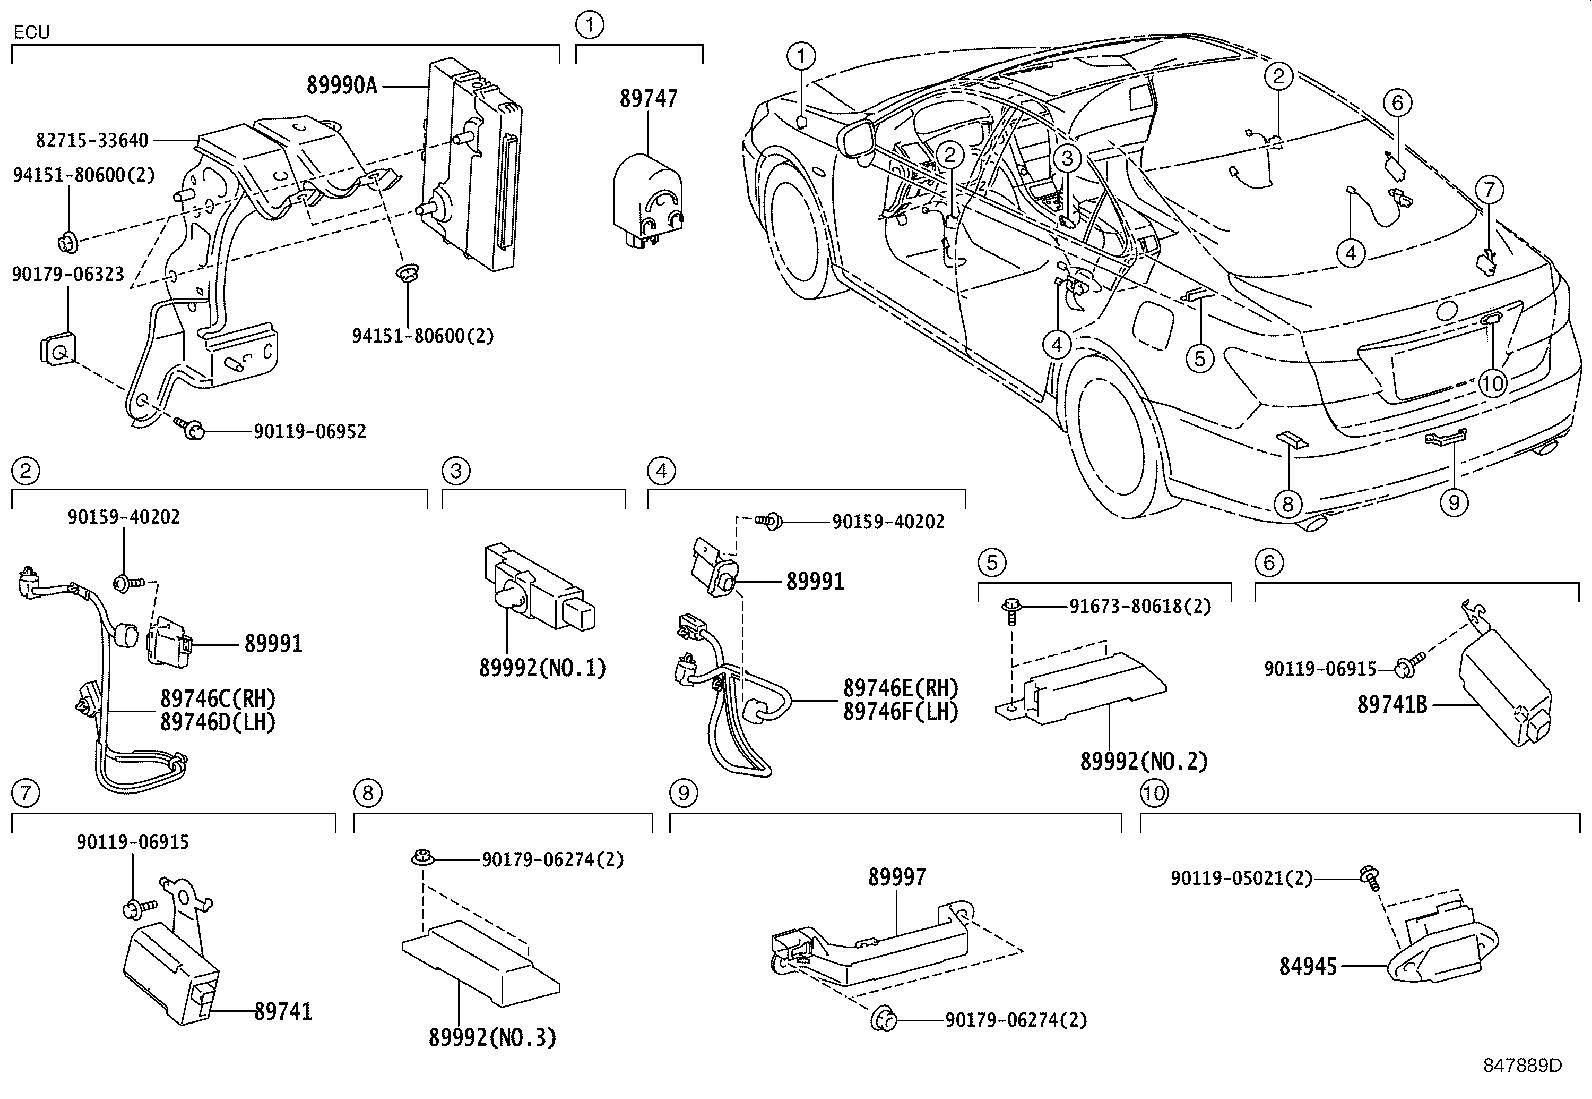 Lexus ES 350 Harness, electrical key wire, no. 2. Wireless